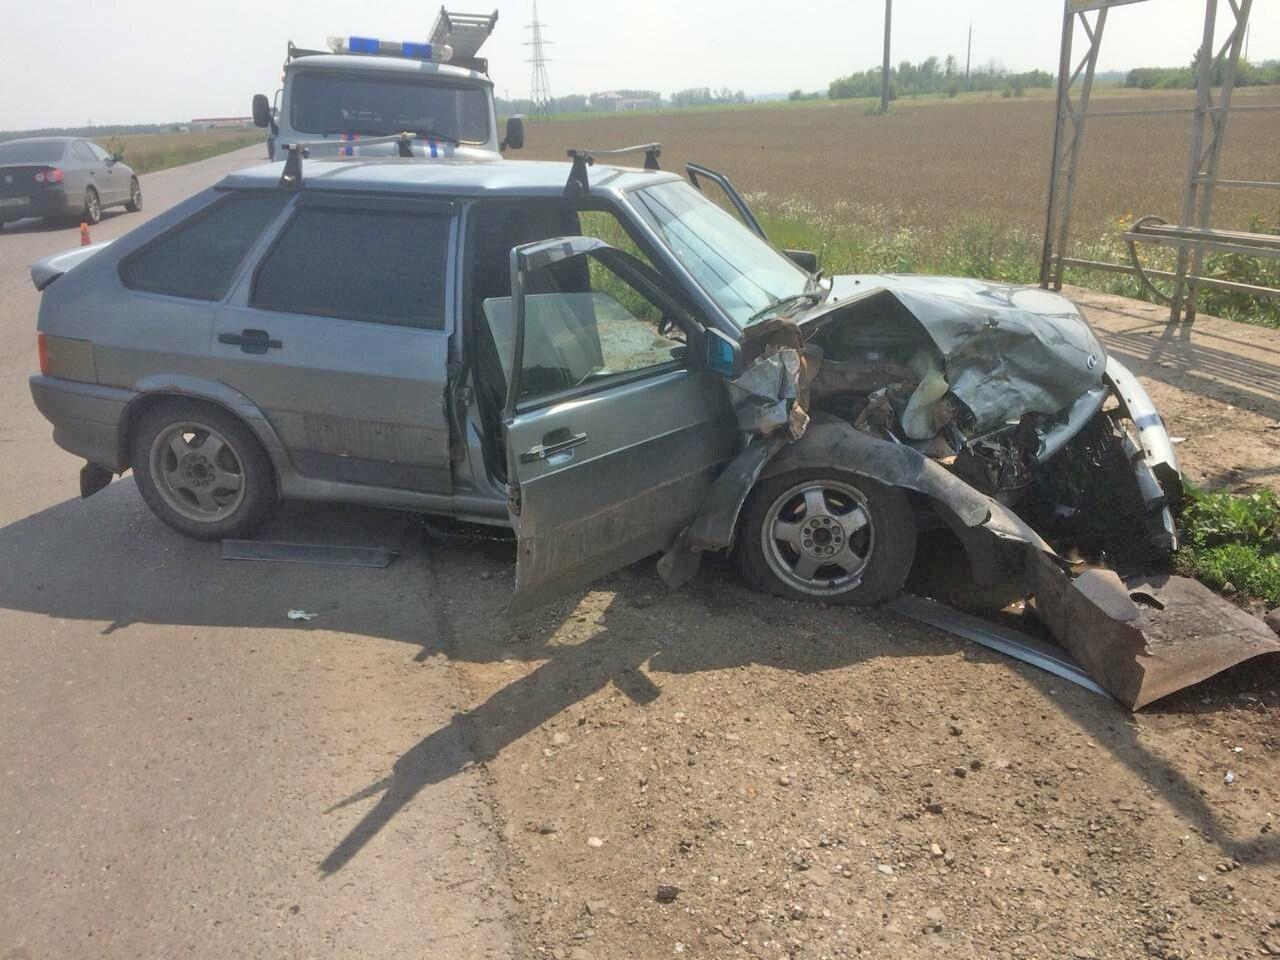 14 человек пострадали в ДТП на дорогах Тамбовской области за выходные, фото-1